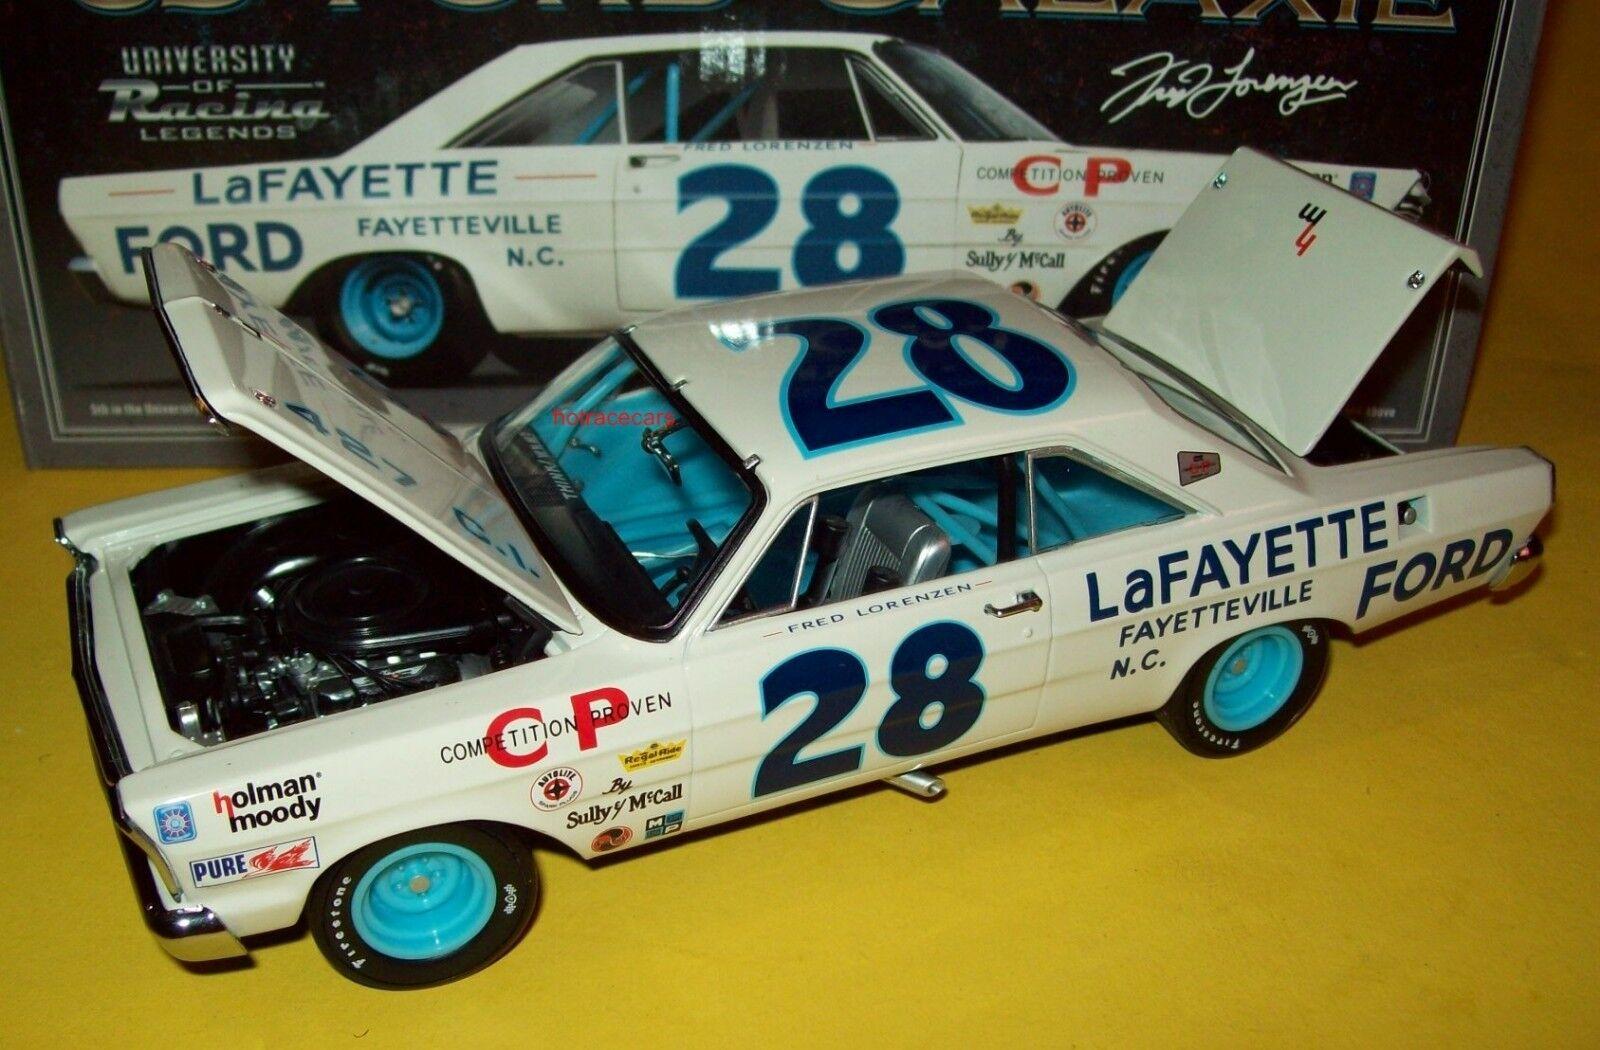 compras online de deportes Frojo Lorenzen 1965 Lafayette Ford Ford Ford  28 Galaxie 1 24 NASCoche Legends Holman Moody  punto de venta